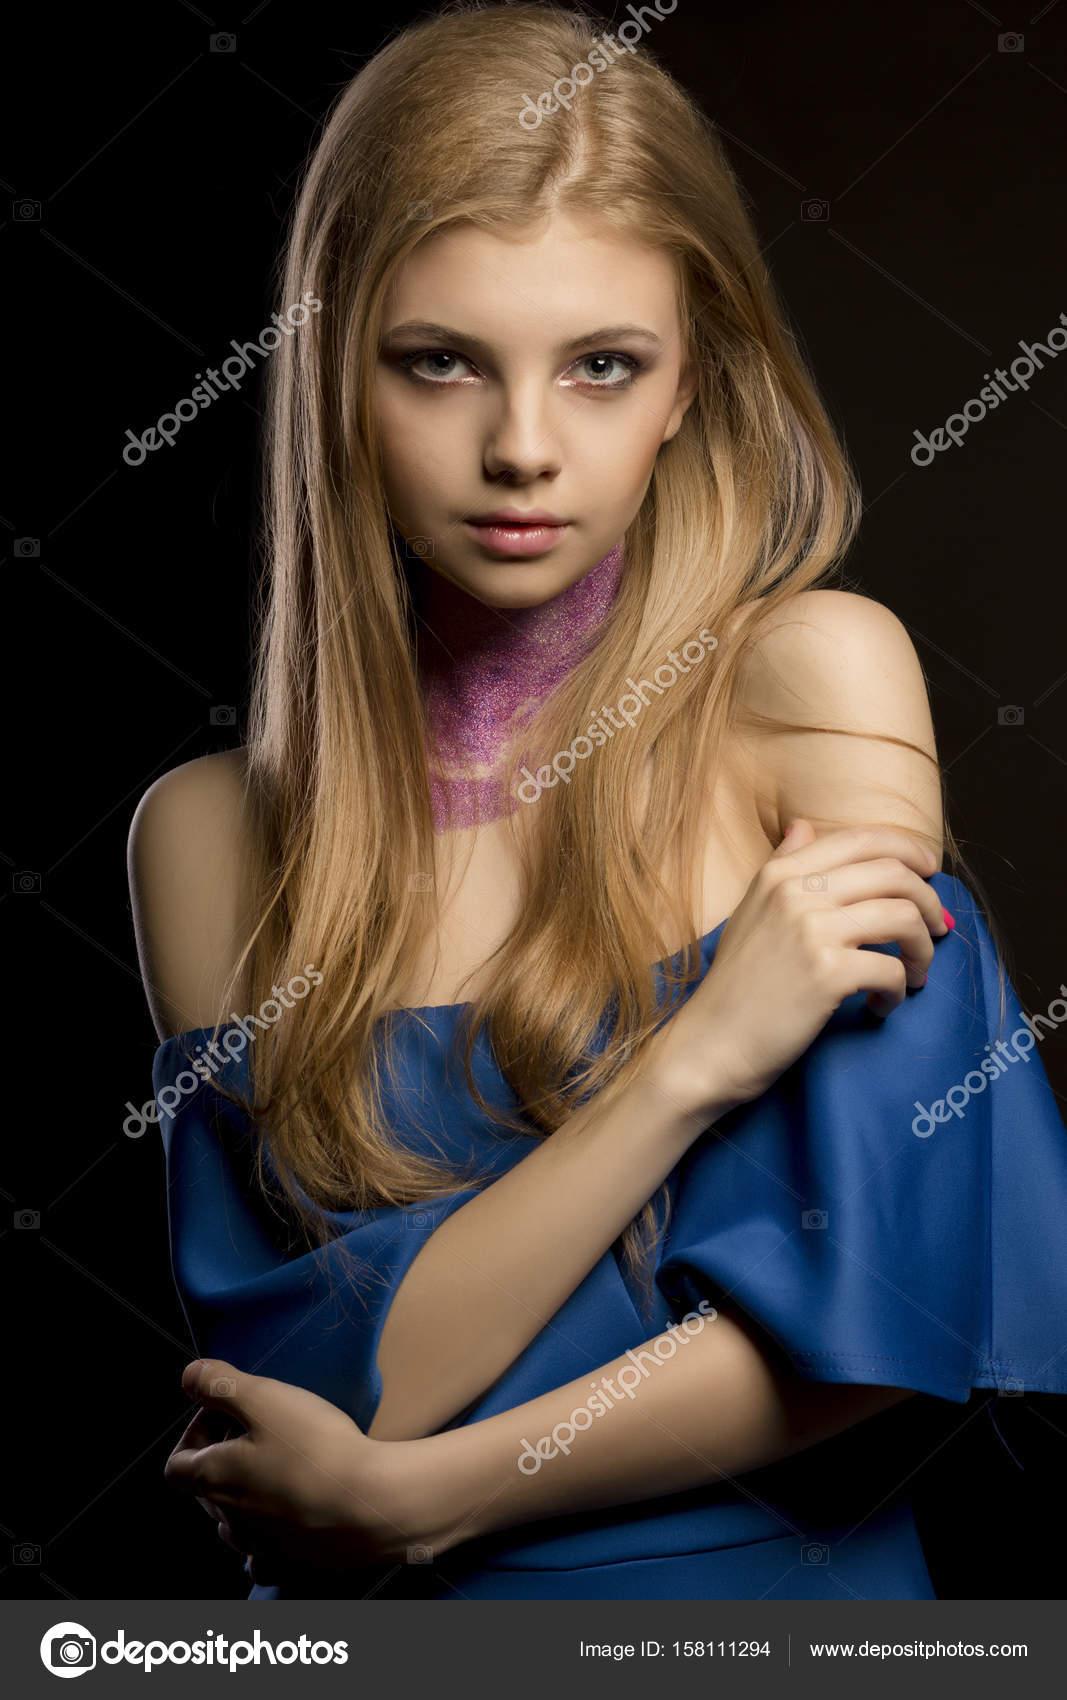 femme blonde nue